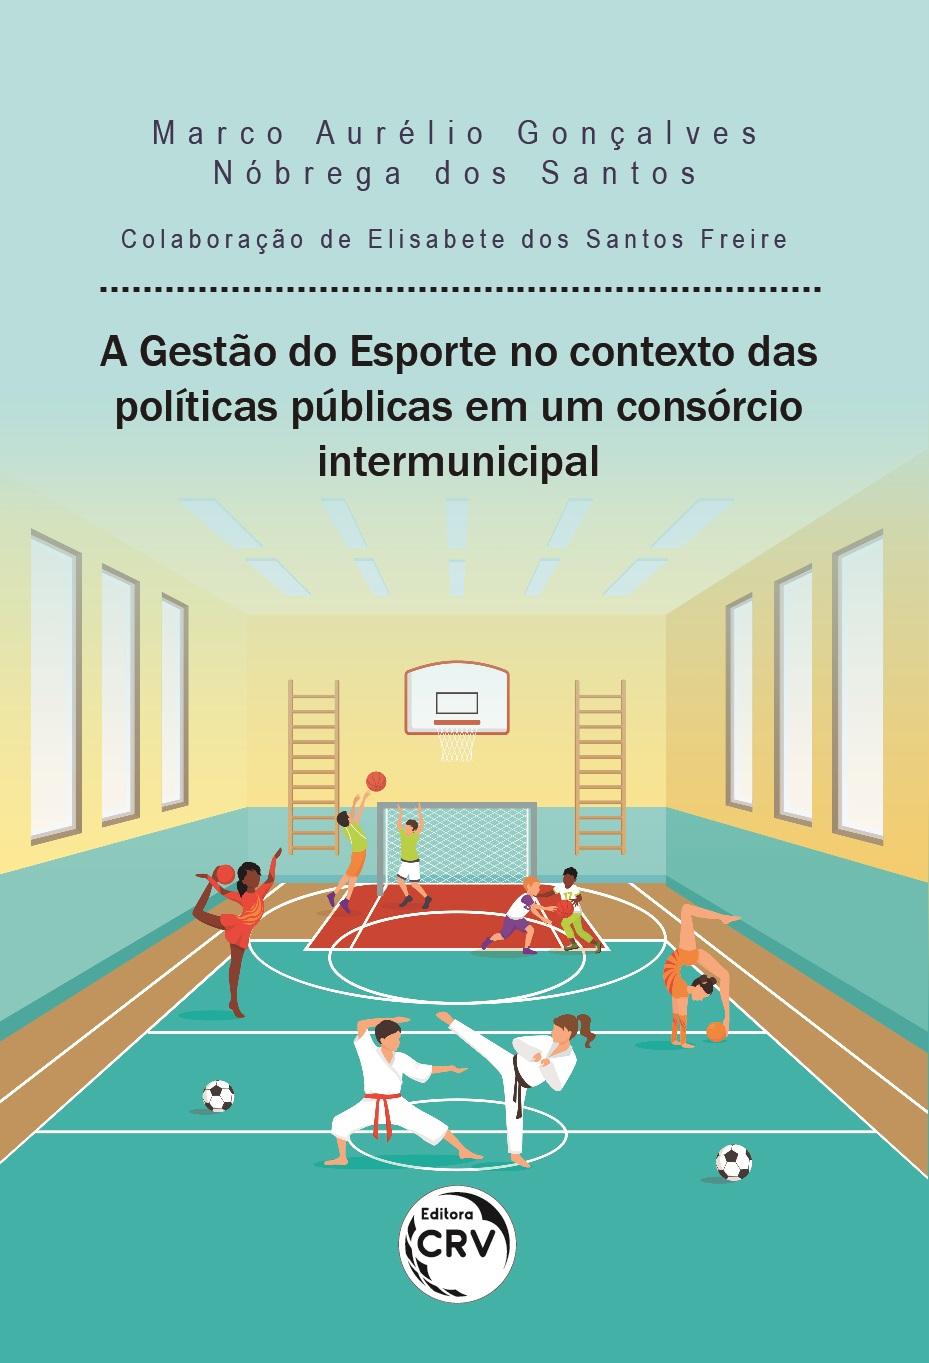 Capa do livro: A GESTÃO DO ESPORTE NO CONTEXTO DAS POLÍTICAS PÚBLICAS EM UM CONSÓRCIO INTERMUNICIPAL